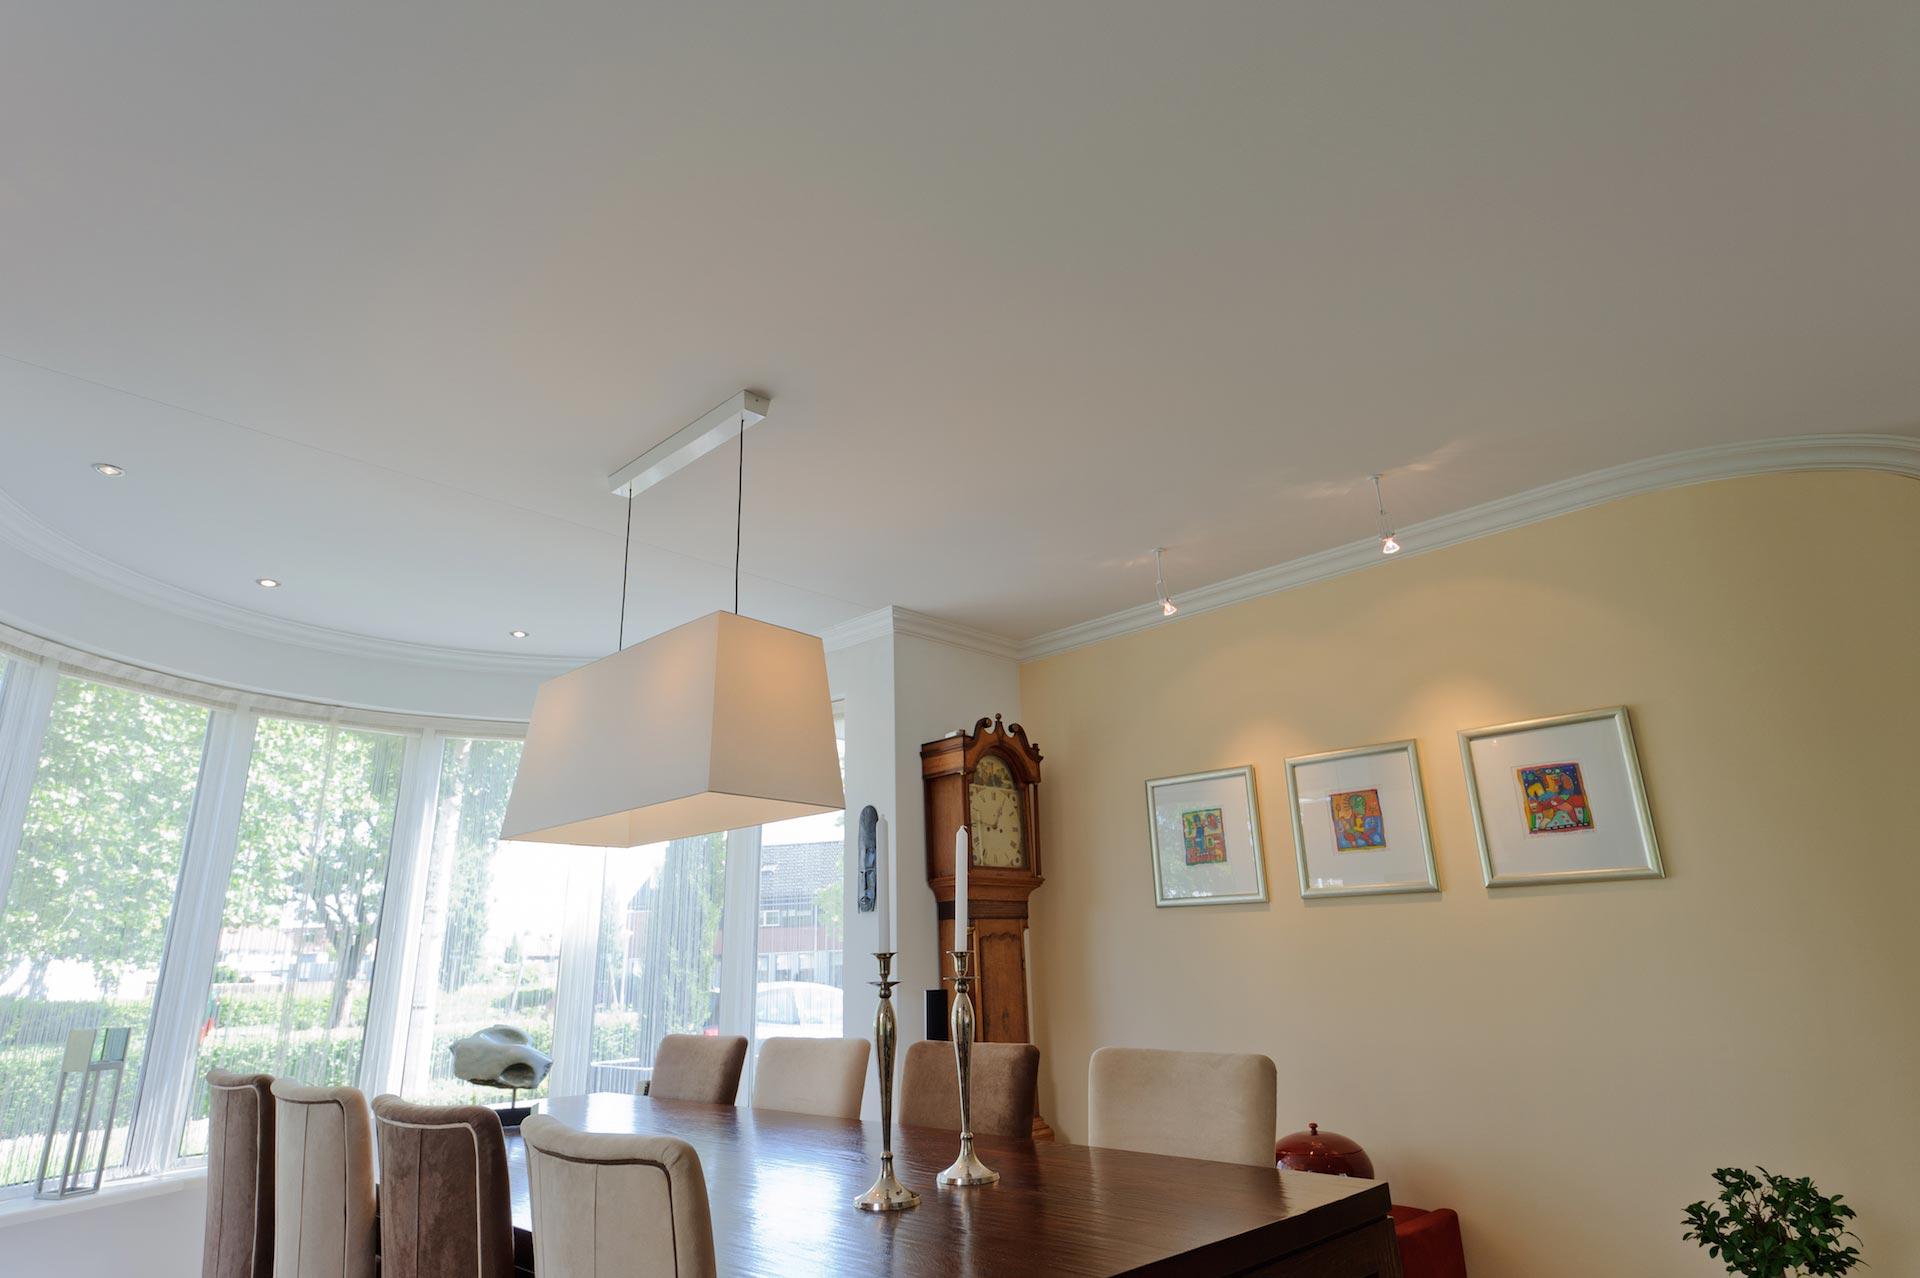 plameco fr hlich ihre decken profis in der region. Black Bedroom Furniture Sets. Home Design Ideas